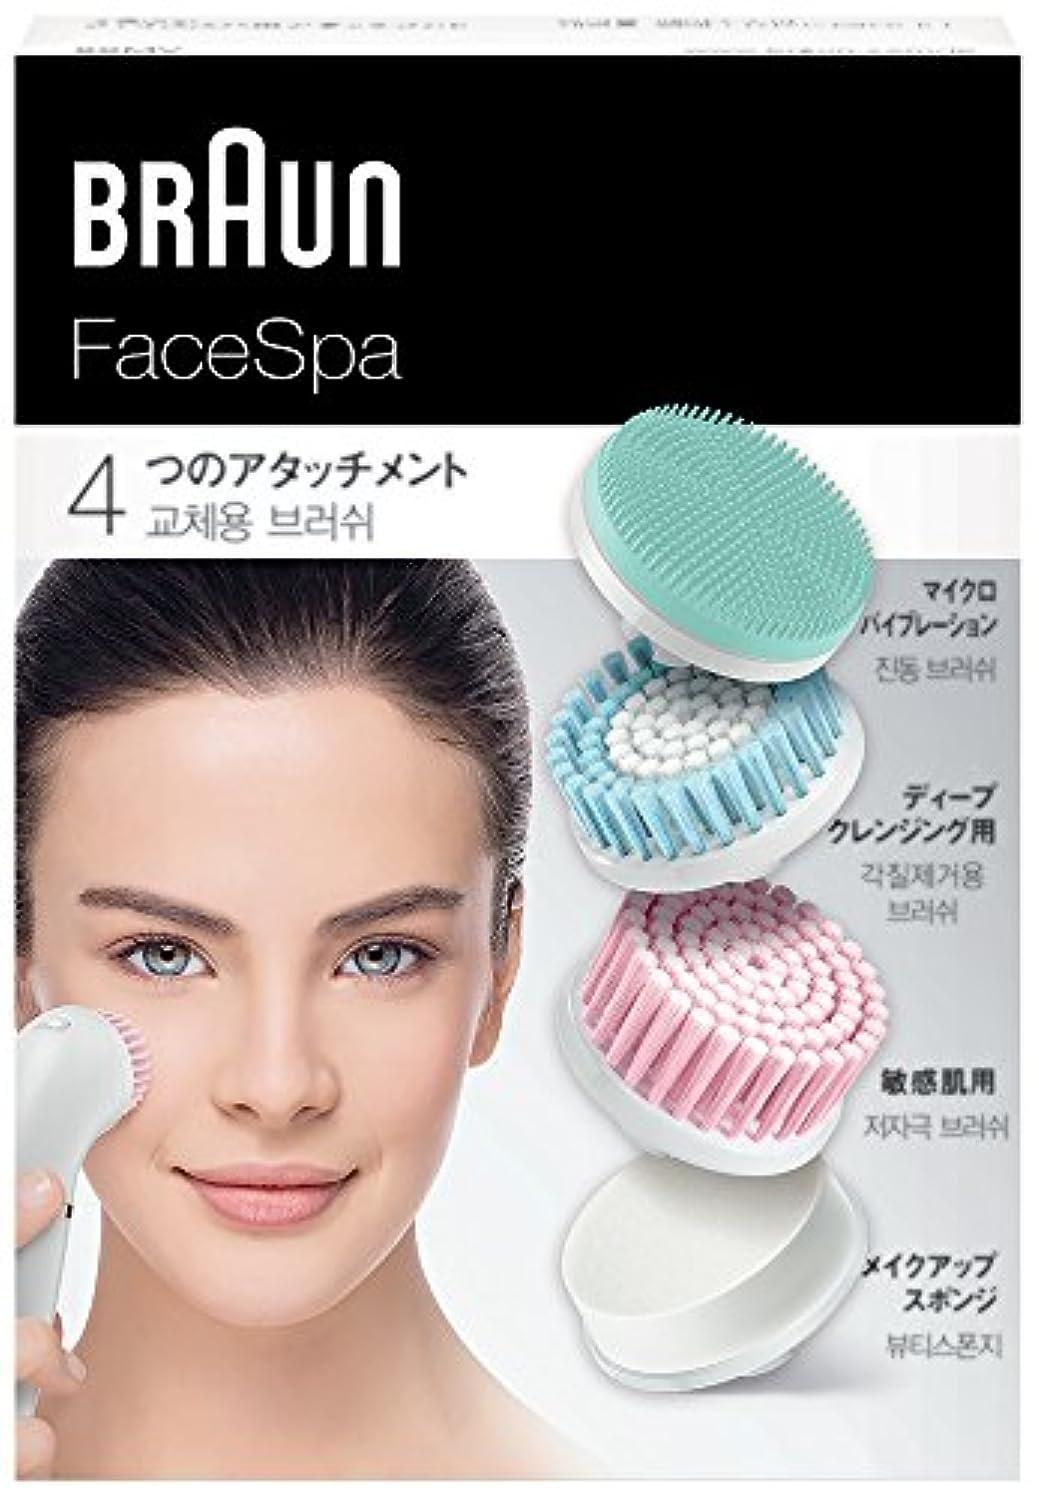 区別する屋内コーンウォールブラウン 洗顔ブラシ 顔用脱毛器(ブラウンフェイス)用 4種詰め合わせ 80-MV